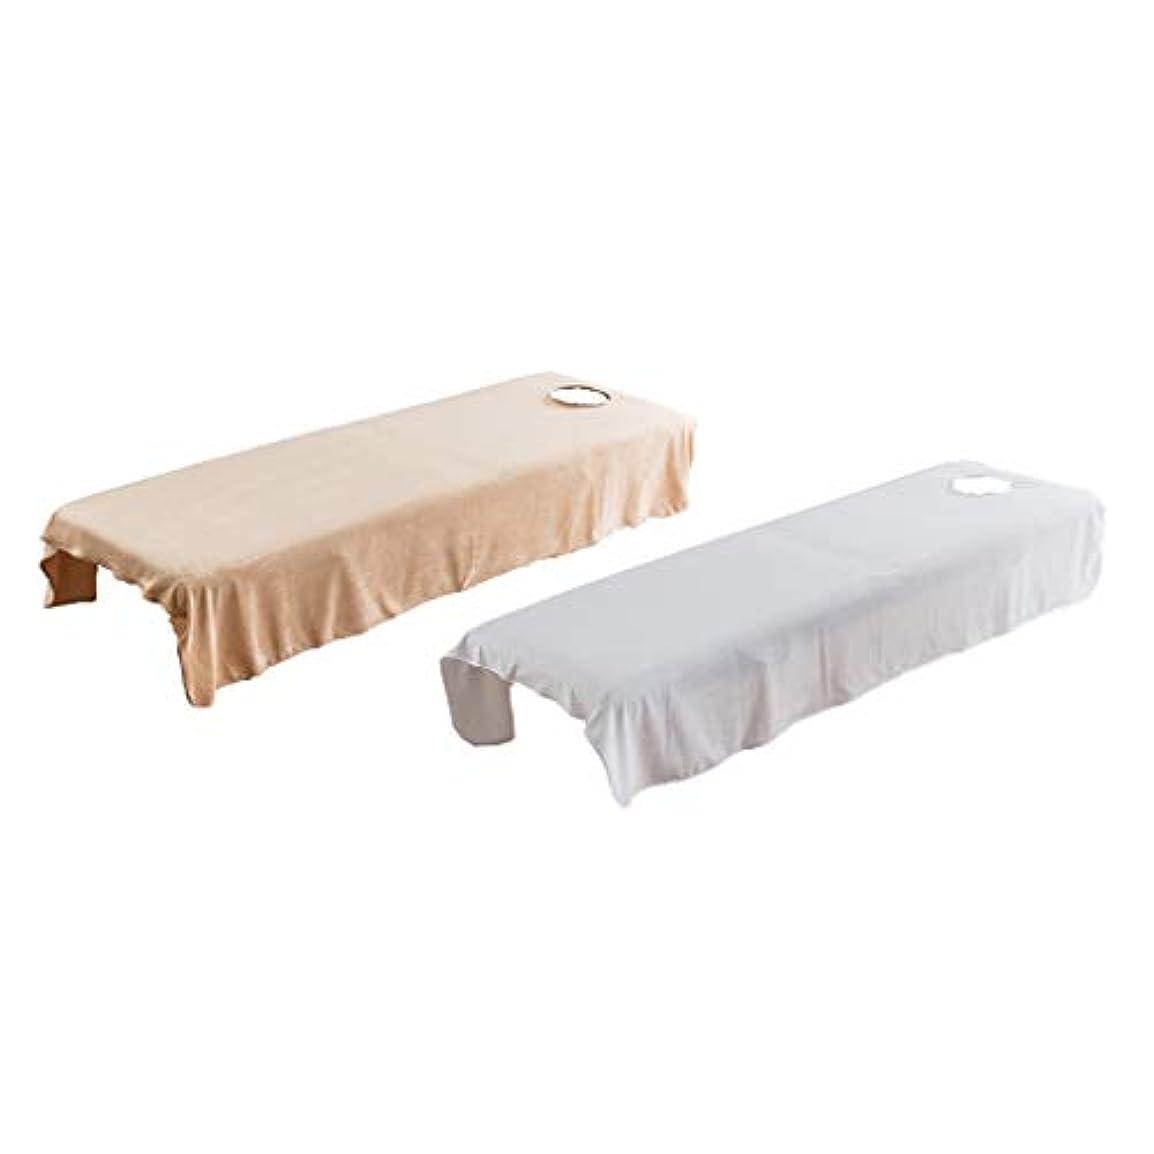 許可する通信網スクラブマッサージベッドカバー 有孔 2枚 美容ベッドカバー スパ マッサージベッドスカート 2色セット